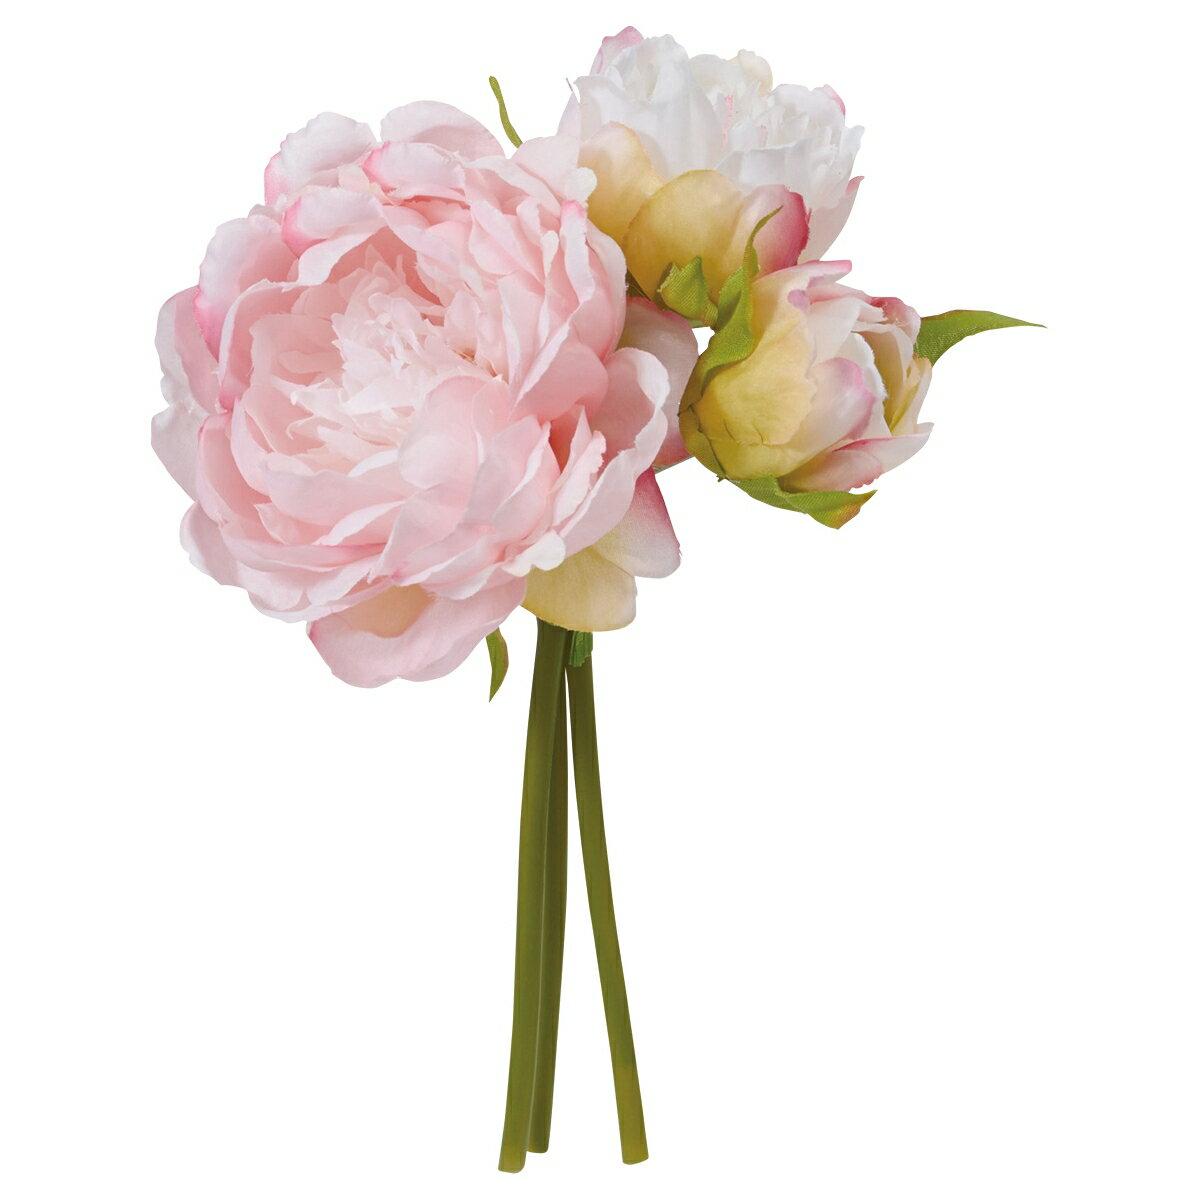 【造花】YDM/ピオニーバンドル ピンク/FB2449-P《 造花(アーティフィシャルフラワー) 造花 花材「さ行」 シャクヤク(芍薬)・ボタン(牡丹)・ピオニー 》